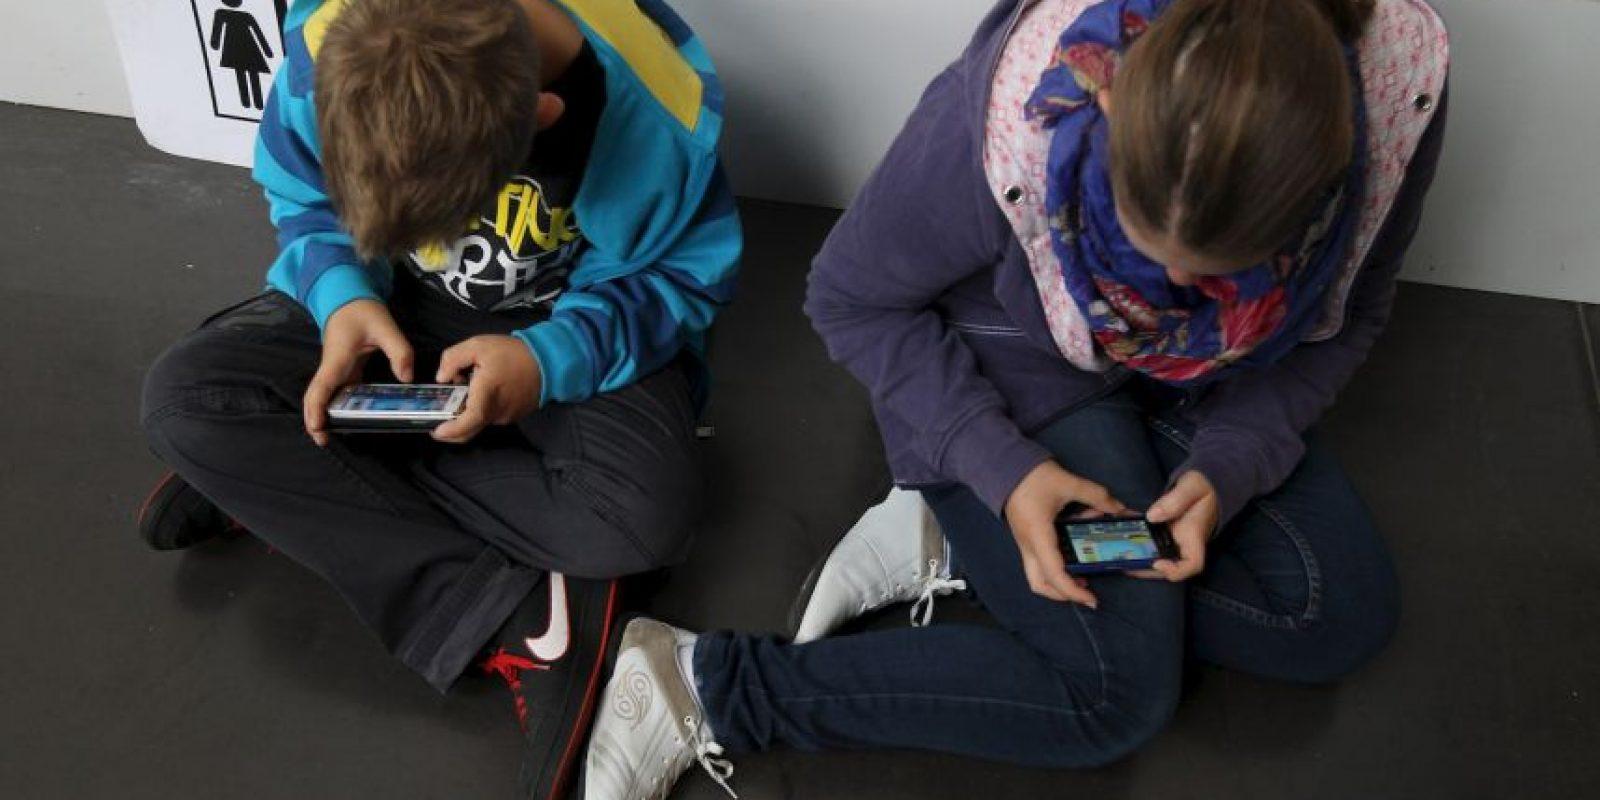 Los dos peligros más importantes relacionados con el uso de móviles serían el de una posible explosión o incendio. ¿Puede suceder algo así si mantenemos nuestros teléfonos encendidos en la gasolinera? La ciencia dice que no, ya que estos dispositivos emiten muy poca energía (menos de 1 w/cm2). Foto:Getty Images